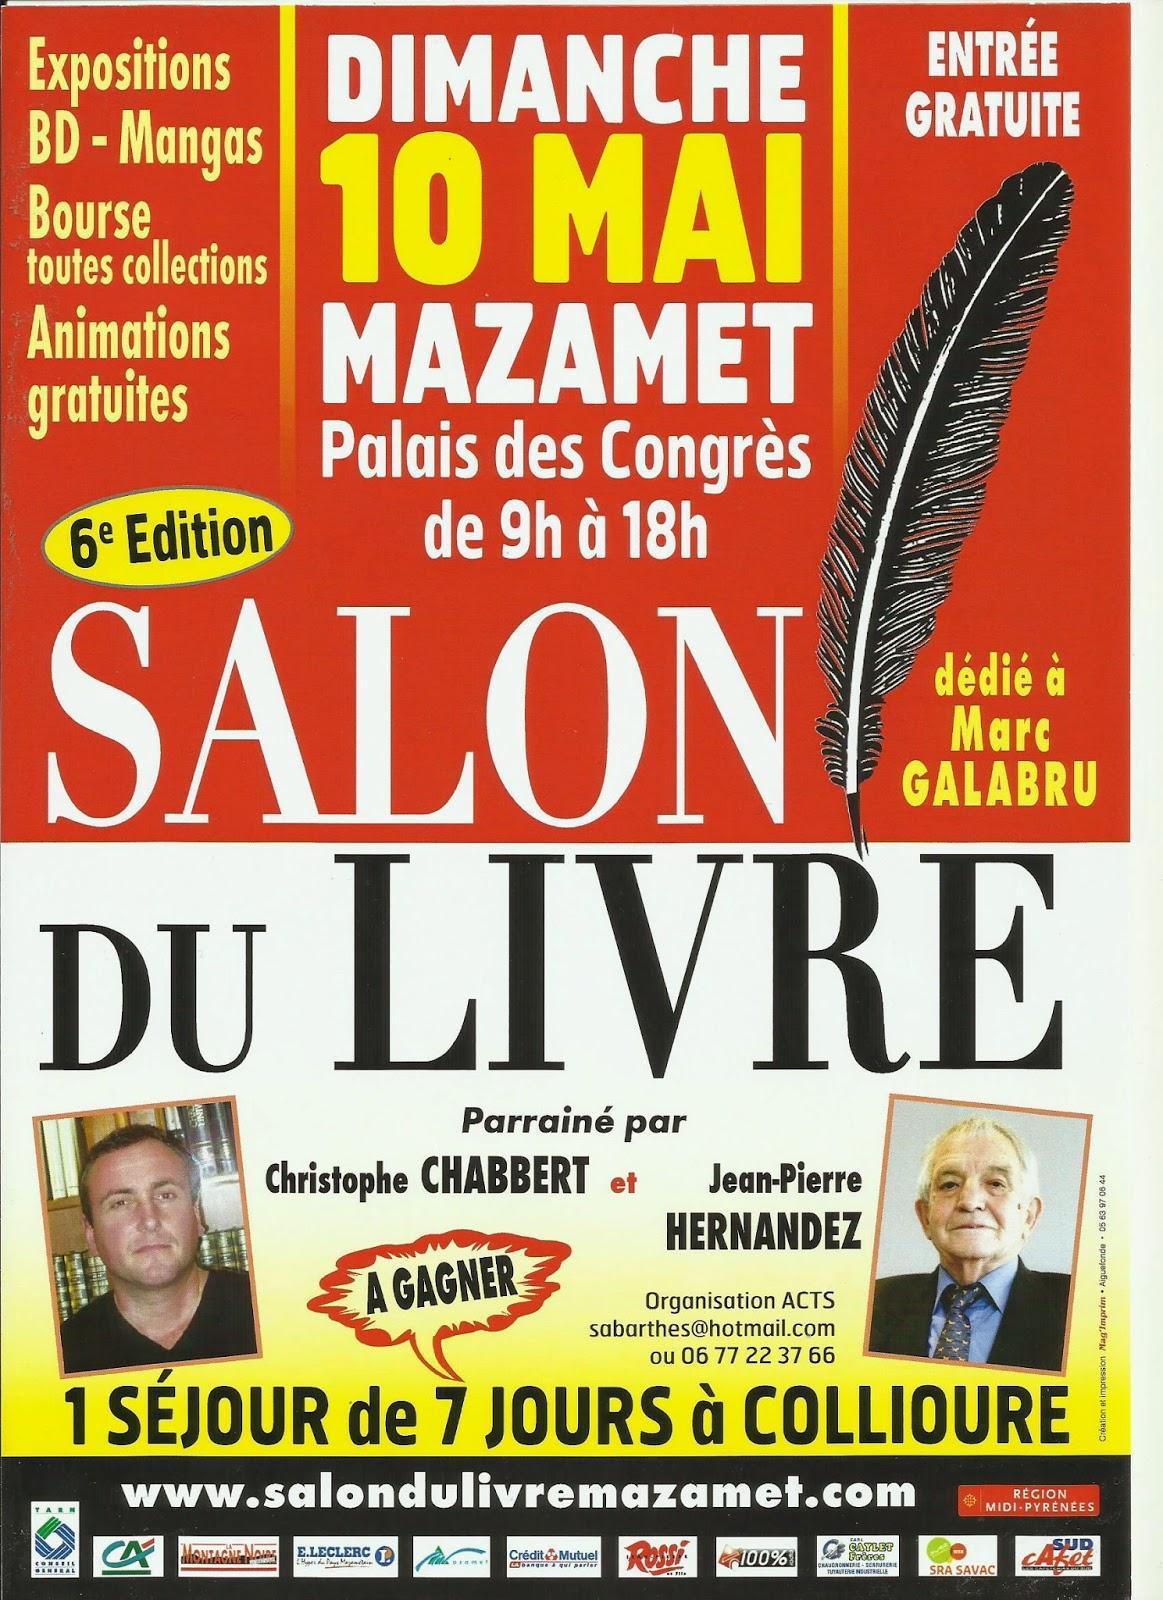 Michel fourcade actualit s - Salon du livre brive 2015 ...